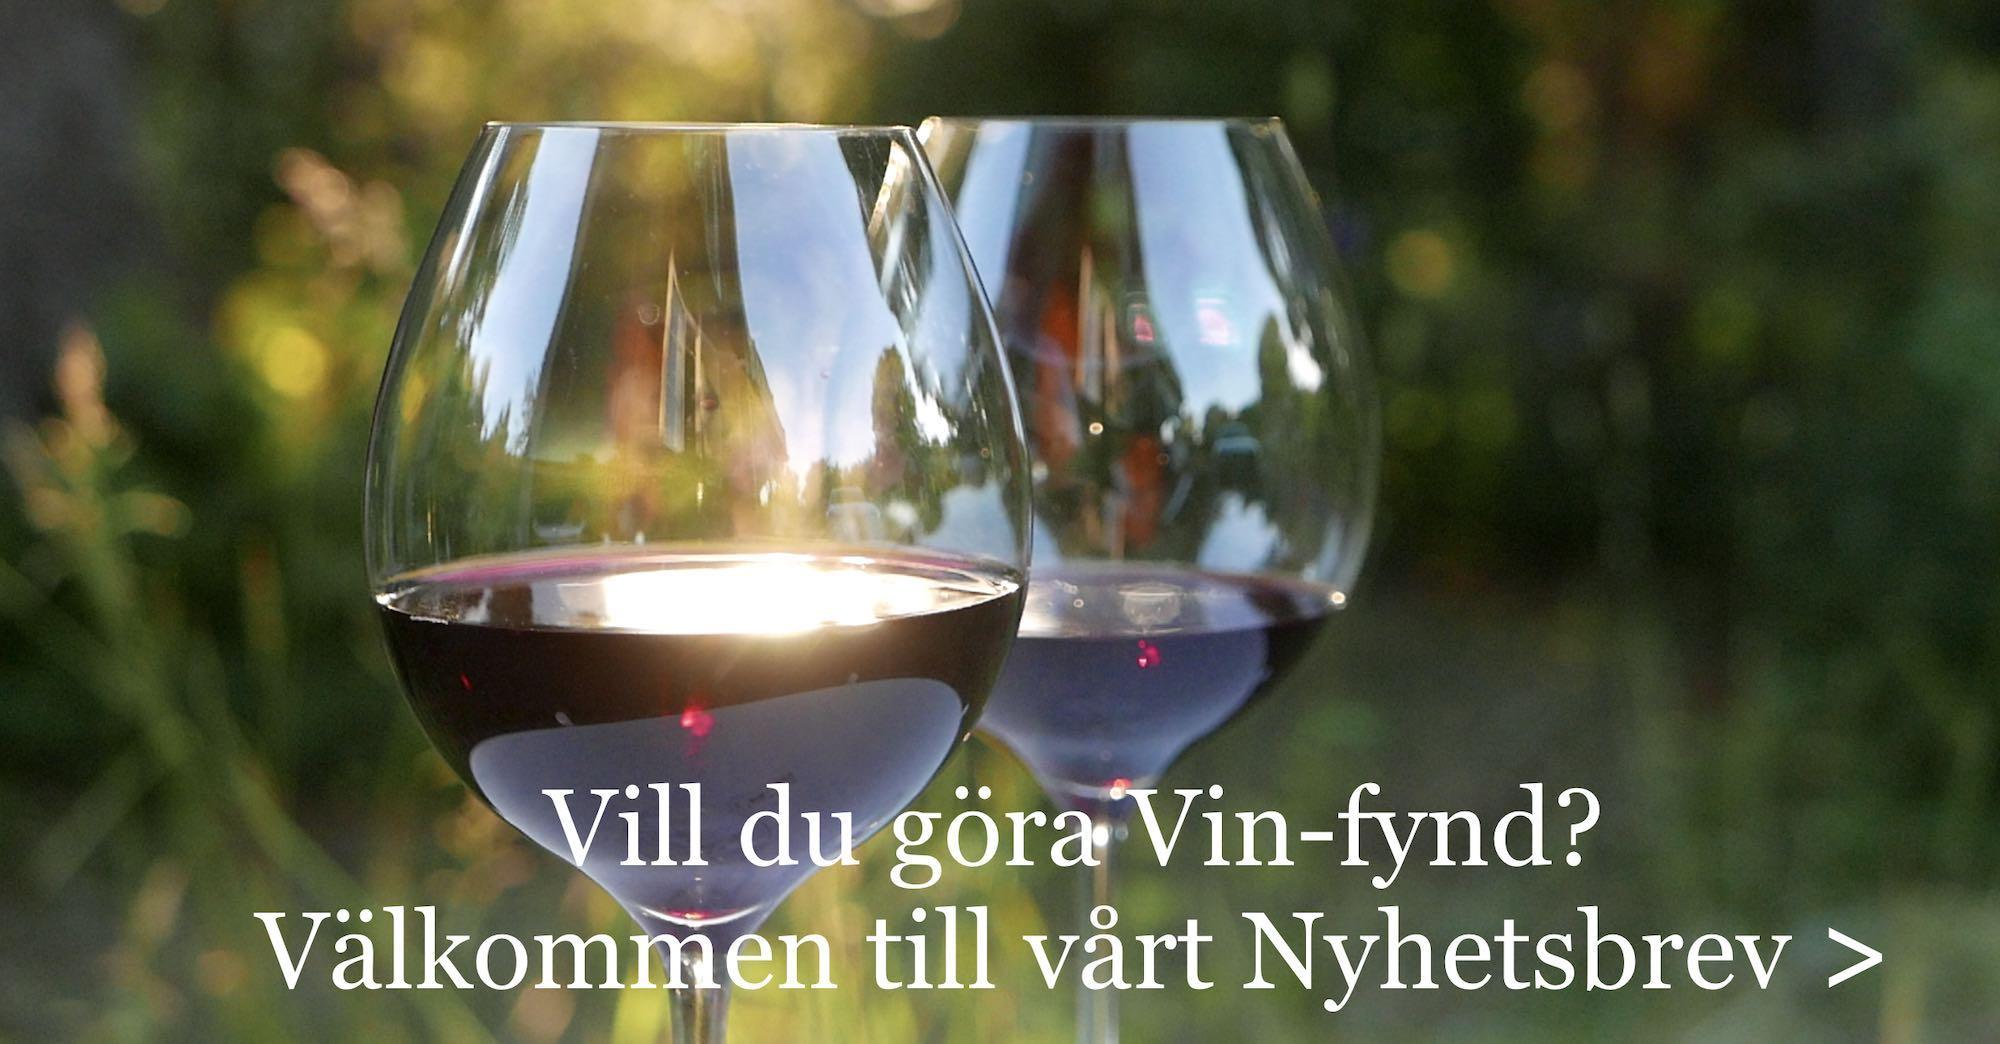 Tips goda viner och nyheter på Systembolaget